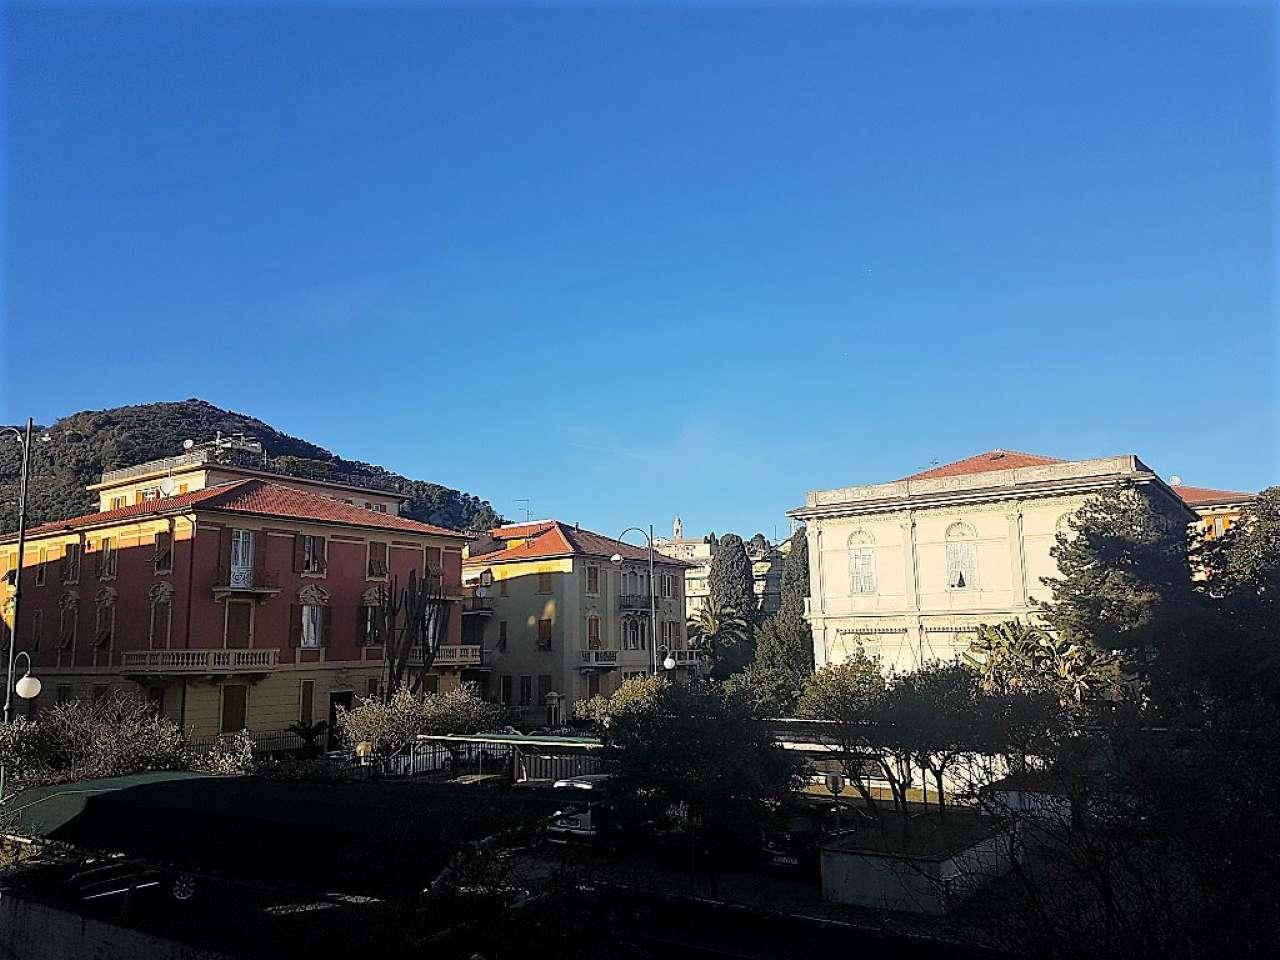 Appartamento in vendita a Chiavari, 5 locali, prezzo € 248.000 | CambioCasa.it